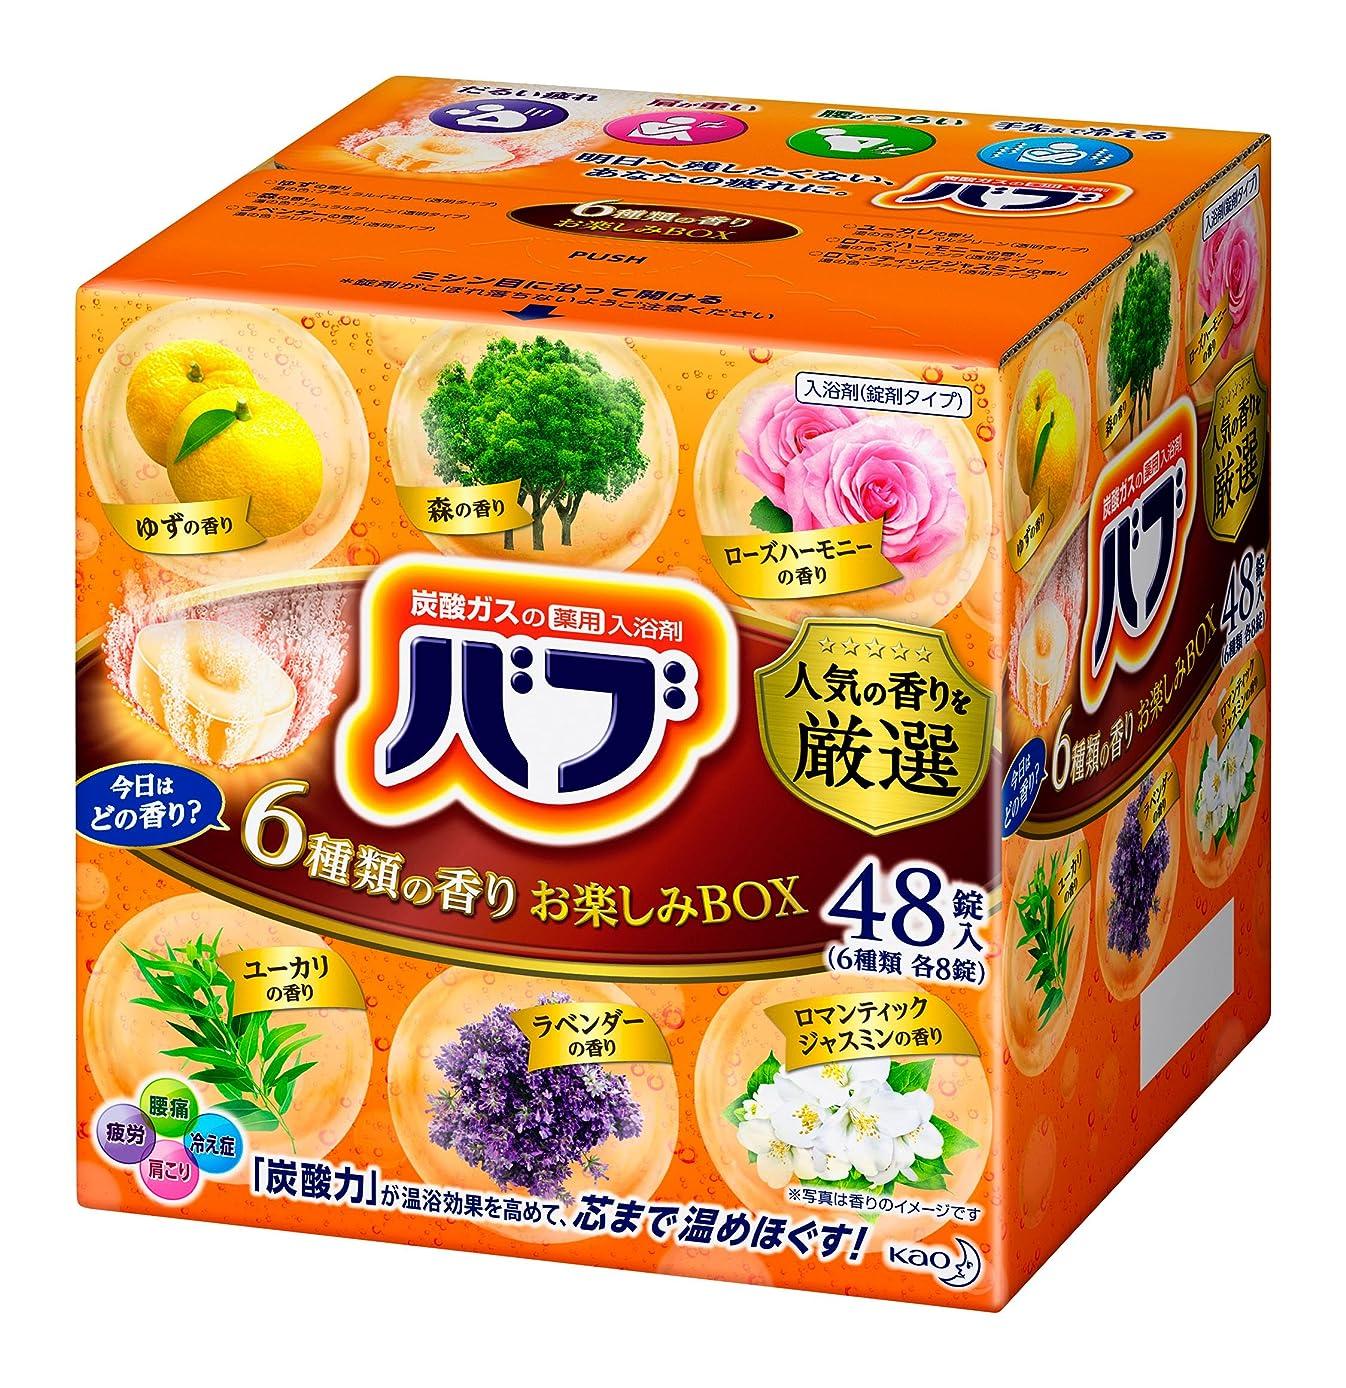 シチリア世界の窓従来の【大容量】バブ 6つの香りお楽しみBOX 48錠